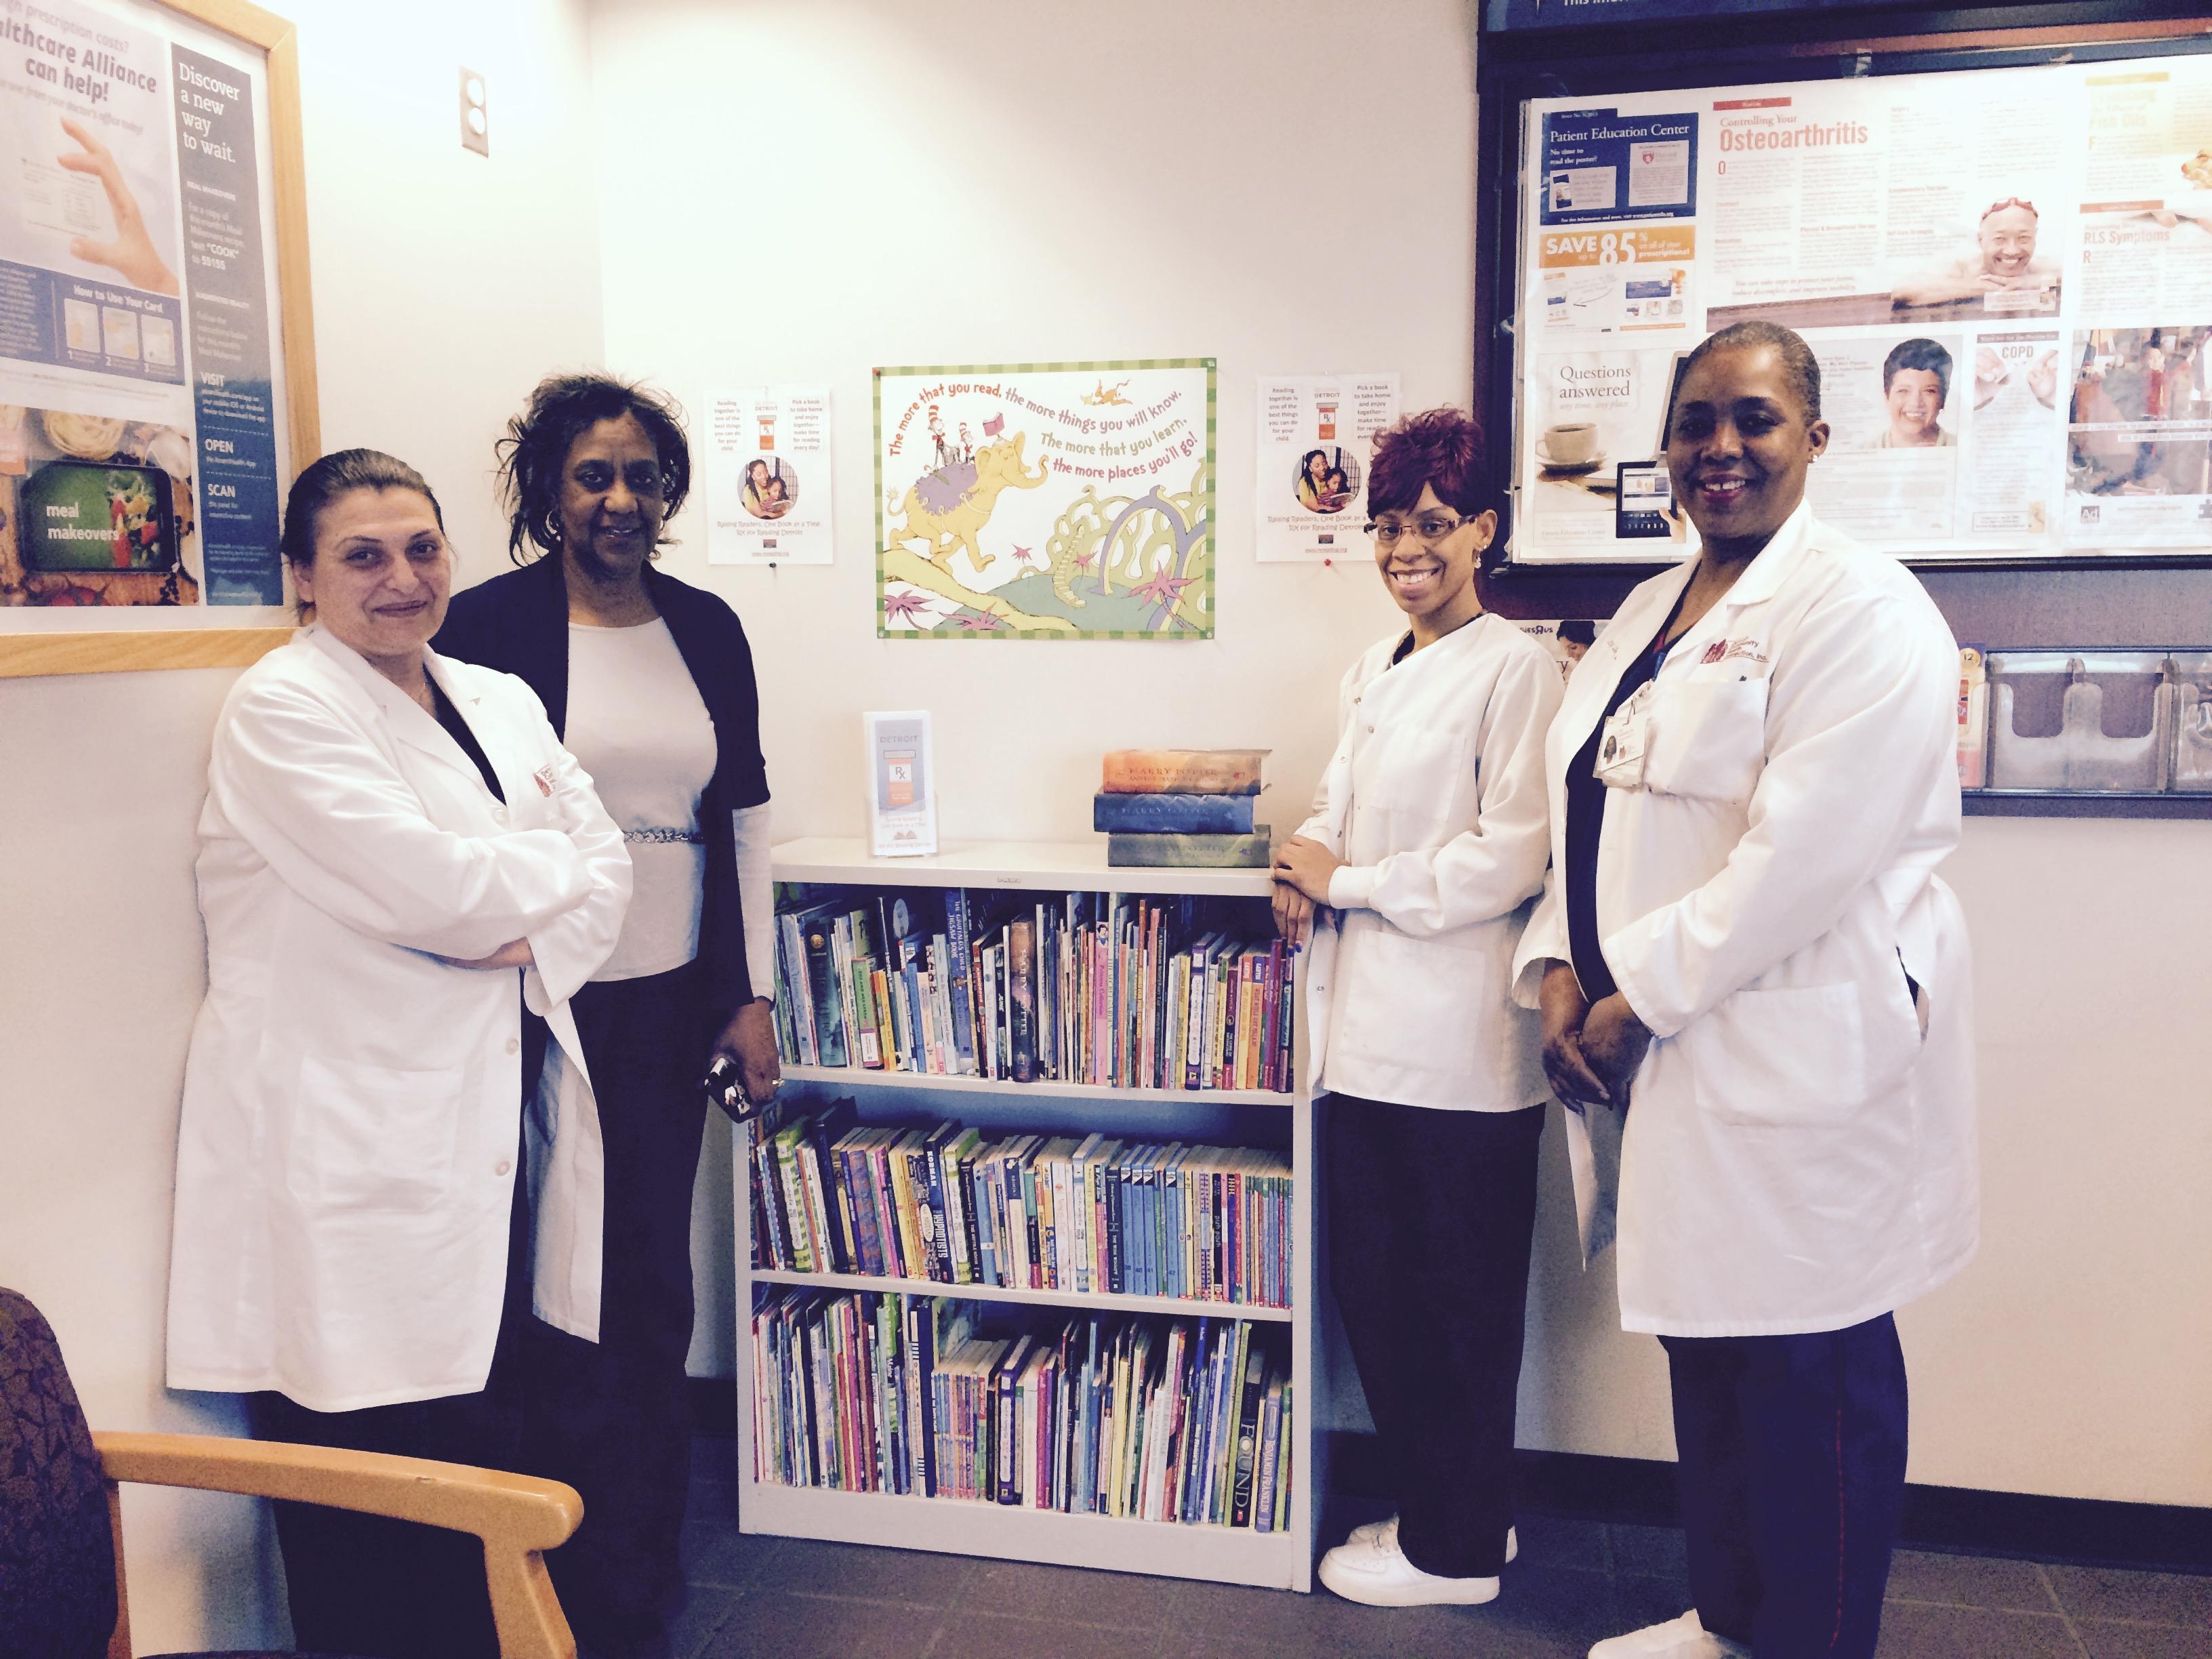 Nolan Family Health Center